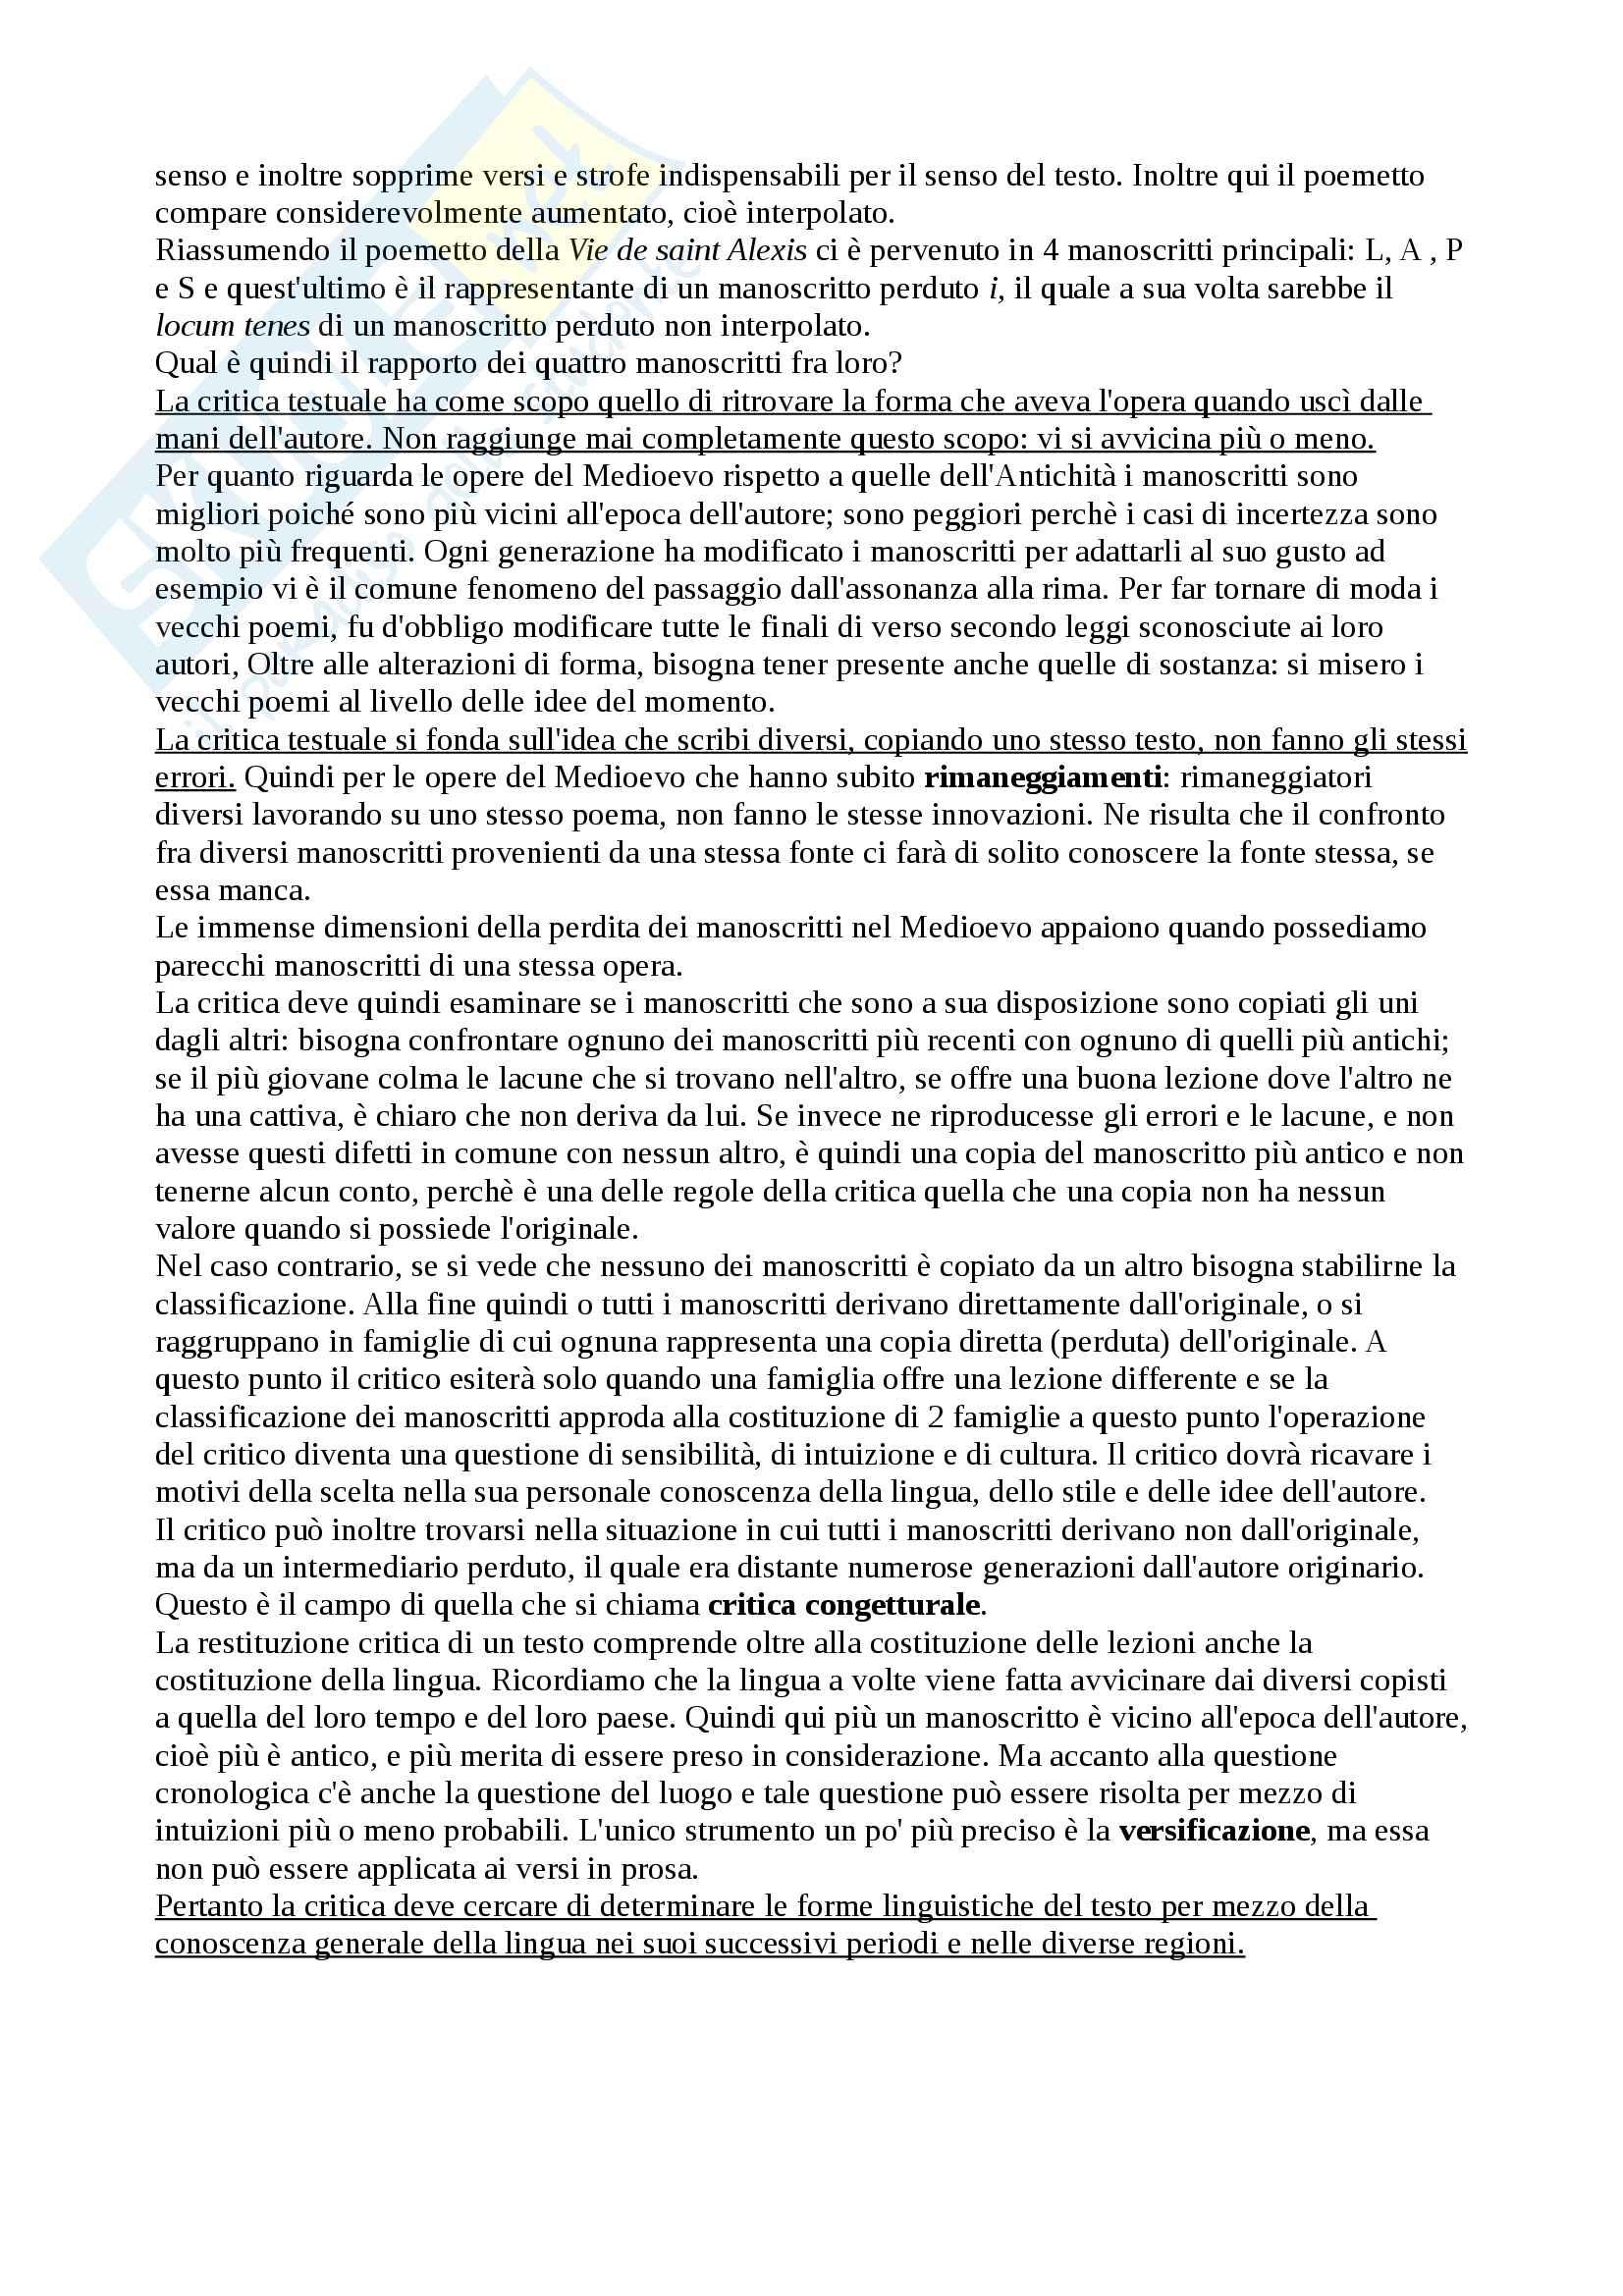 Riassunto esame Filologia Italiana, docente Lorenzi Cristiano, libro consigliato Fondamenti di Critica Testuale, Stussi Pag. 6